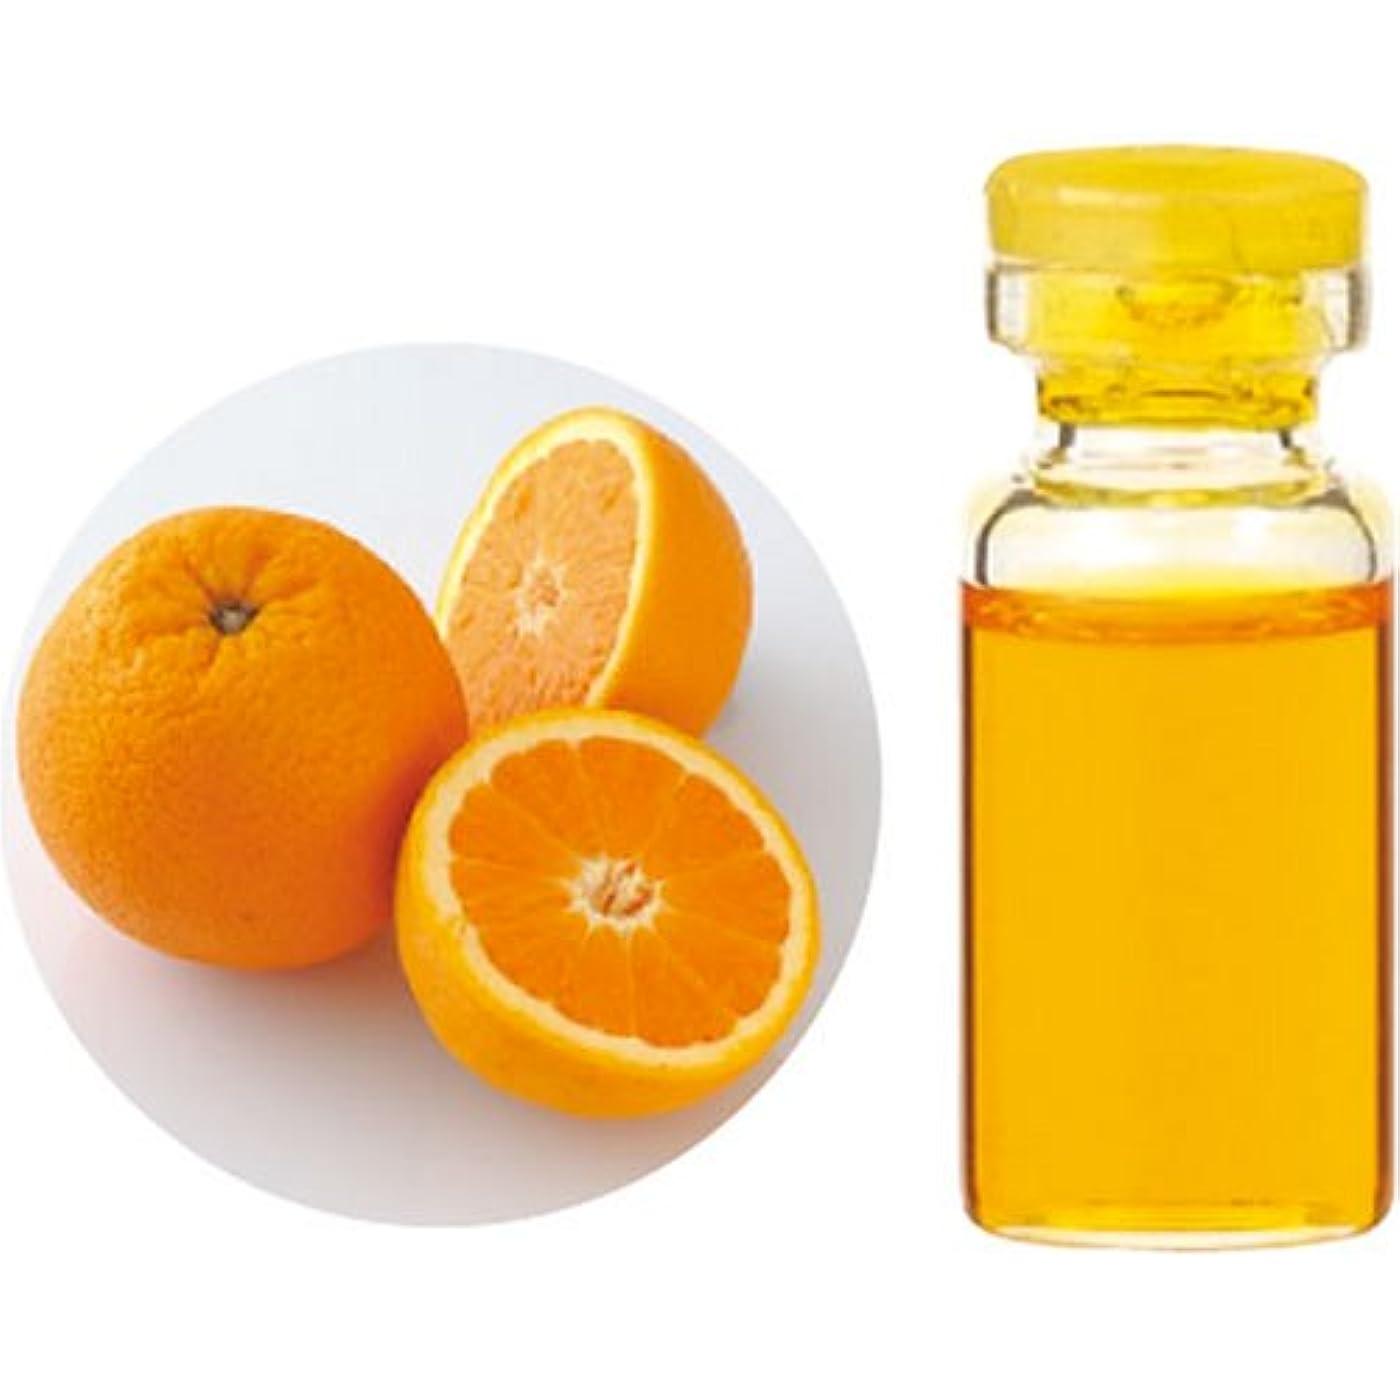 ダイエット歴史的絶えずHerbalLife スィートオレンジ 10ml